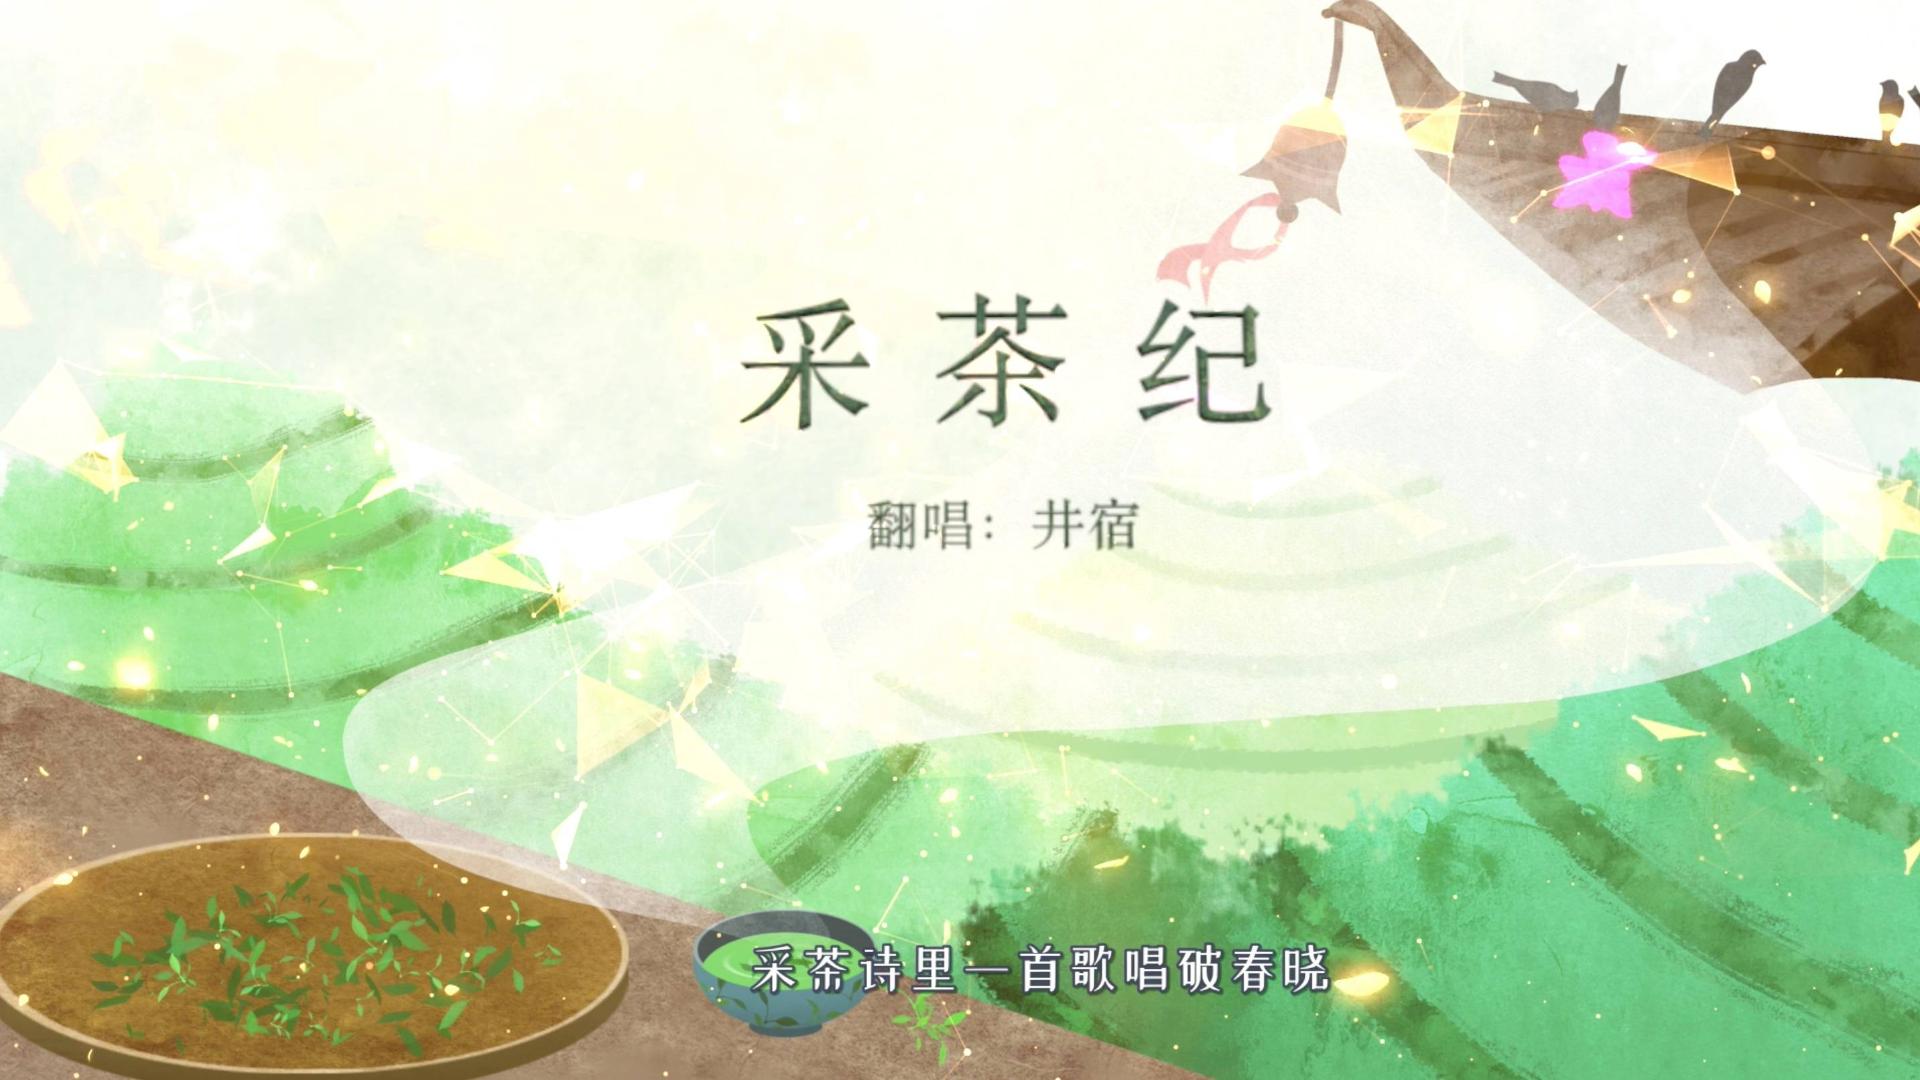 【井宿】《采茶纪》翻唱